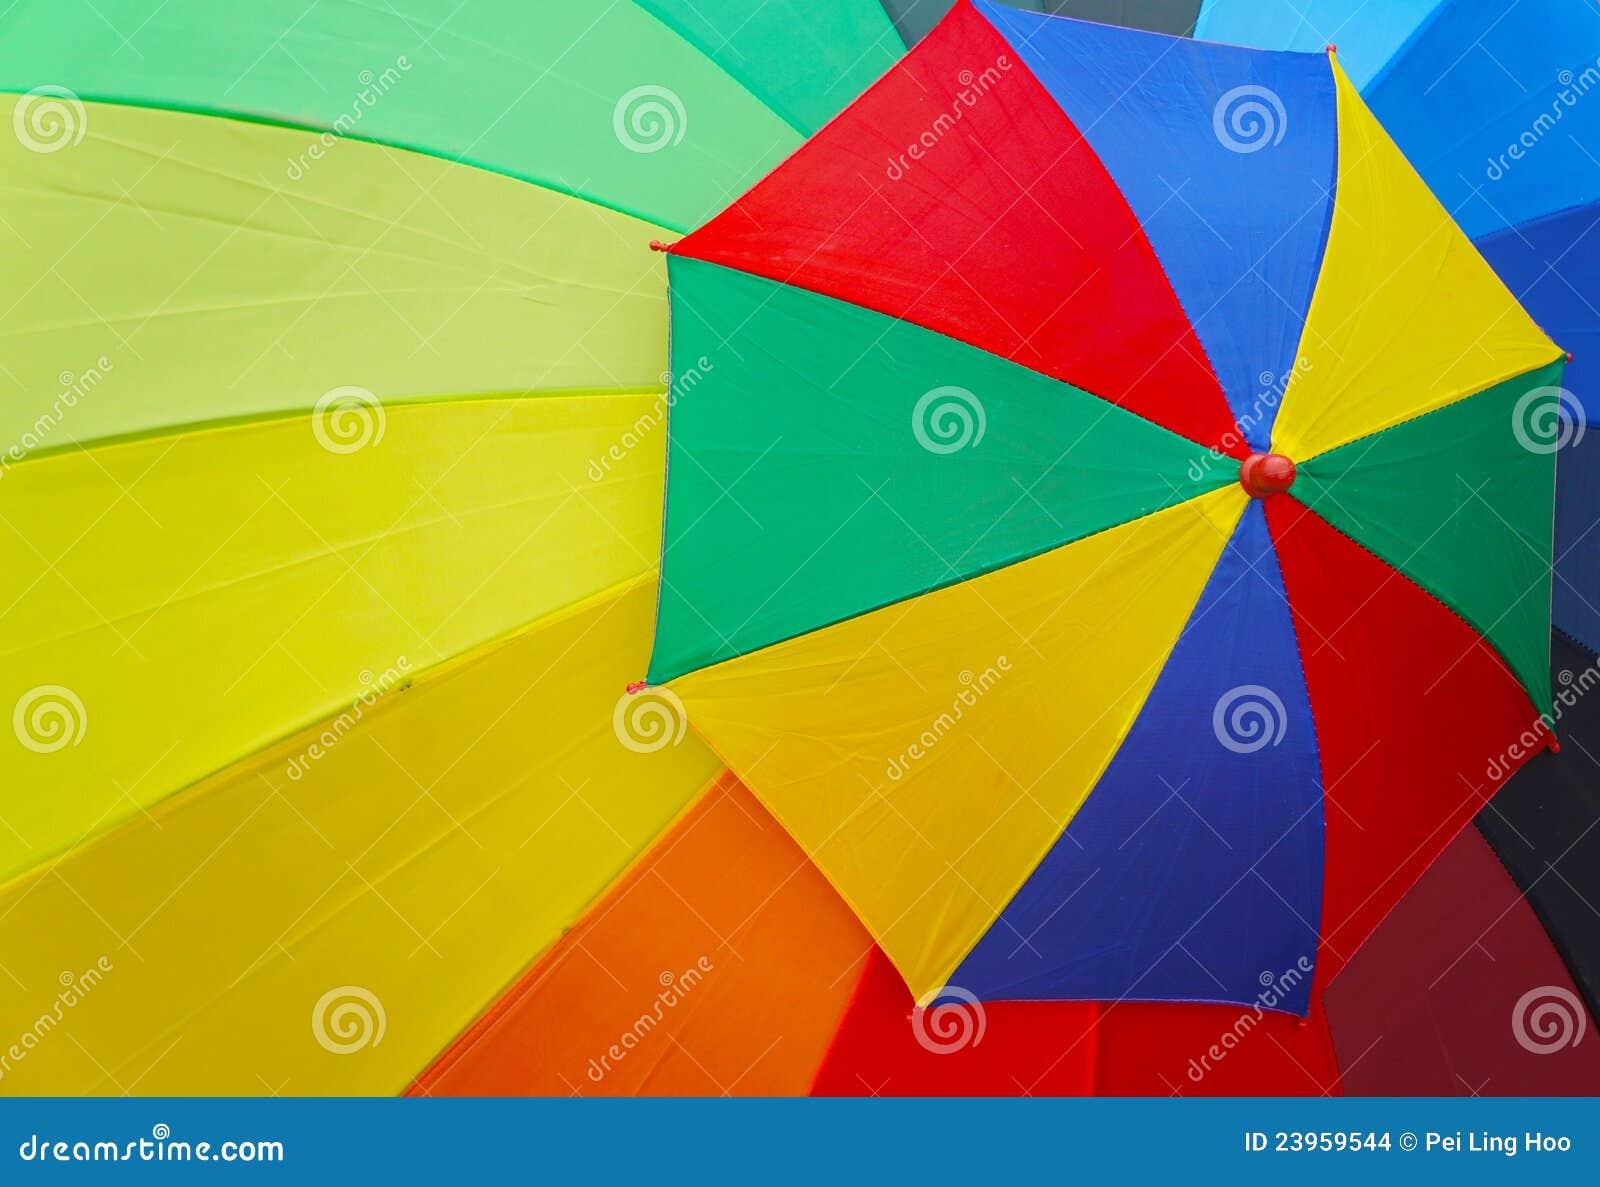 grand et petit parapluie color - Parapluie Color